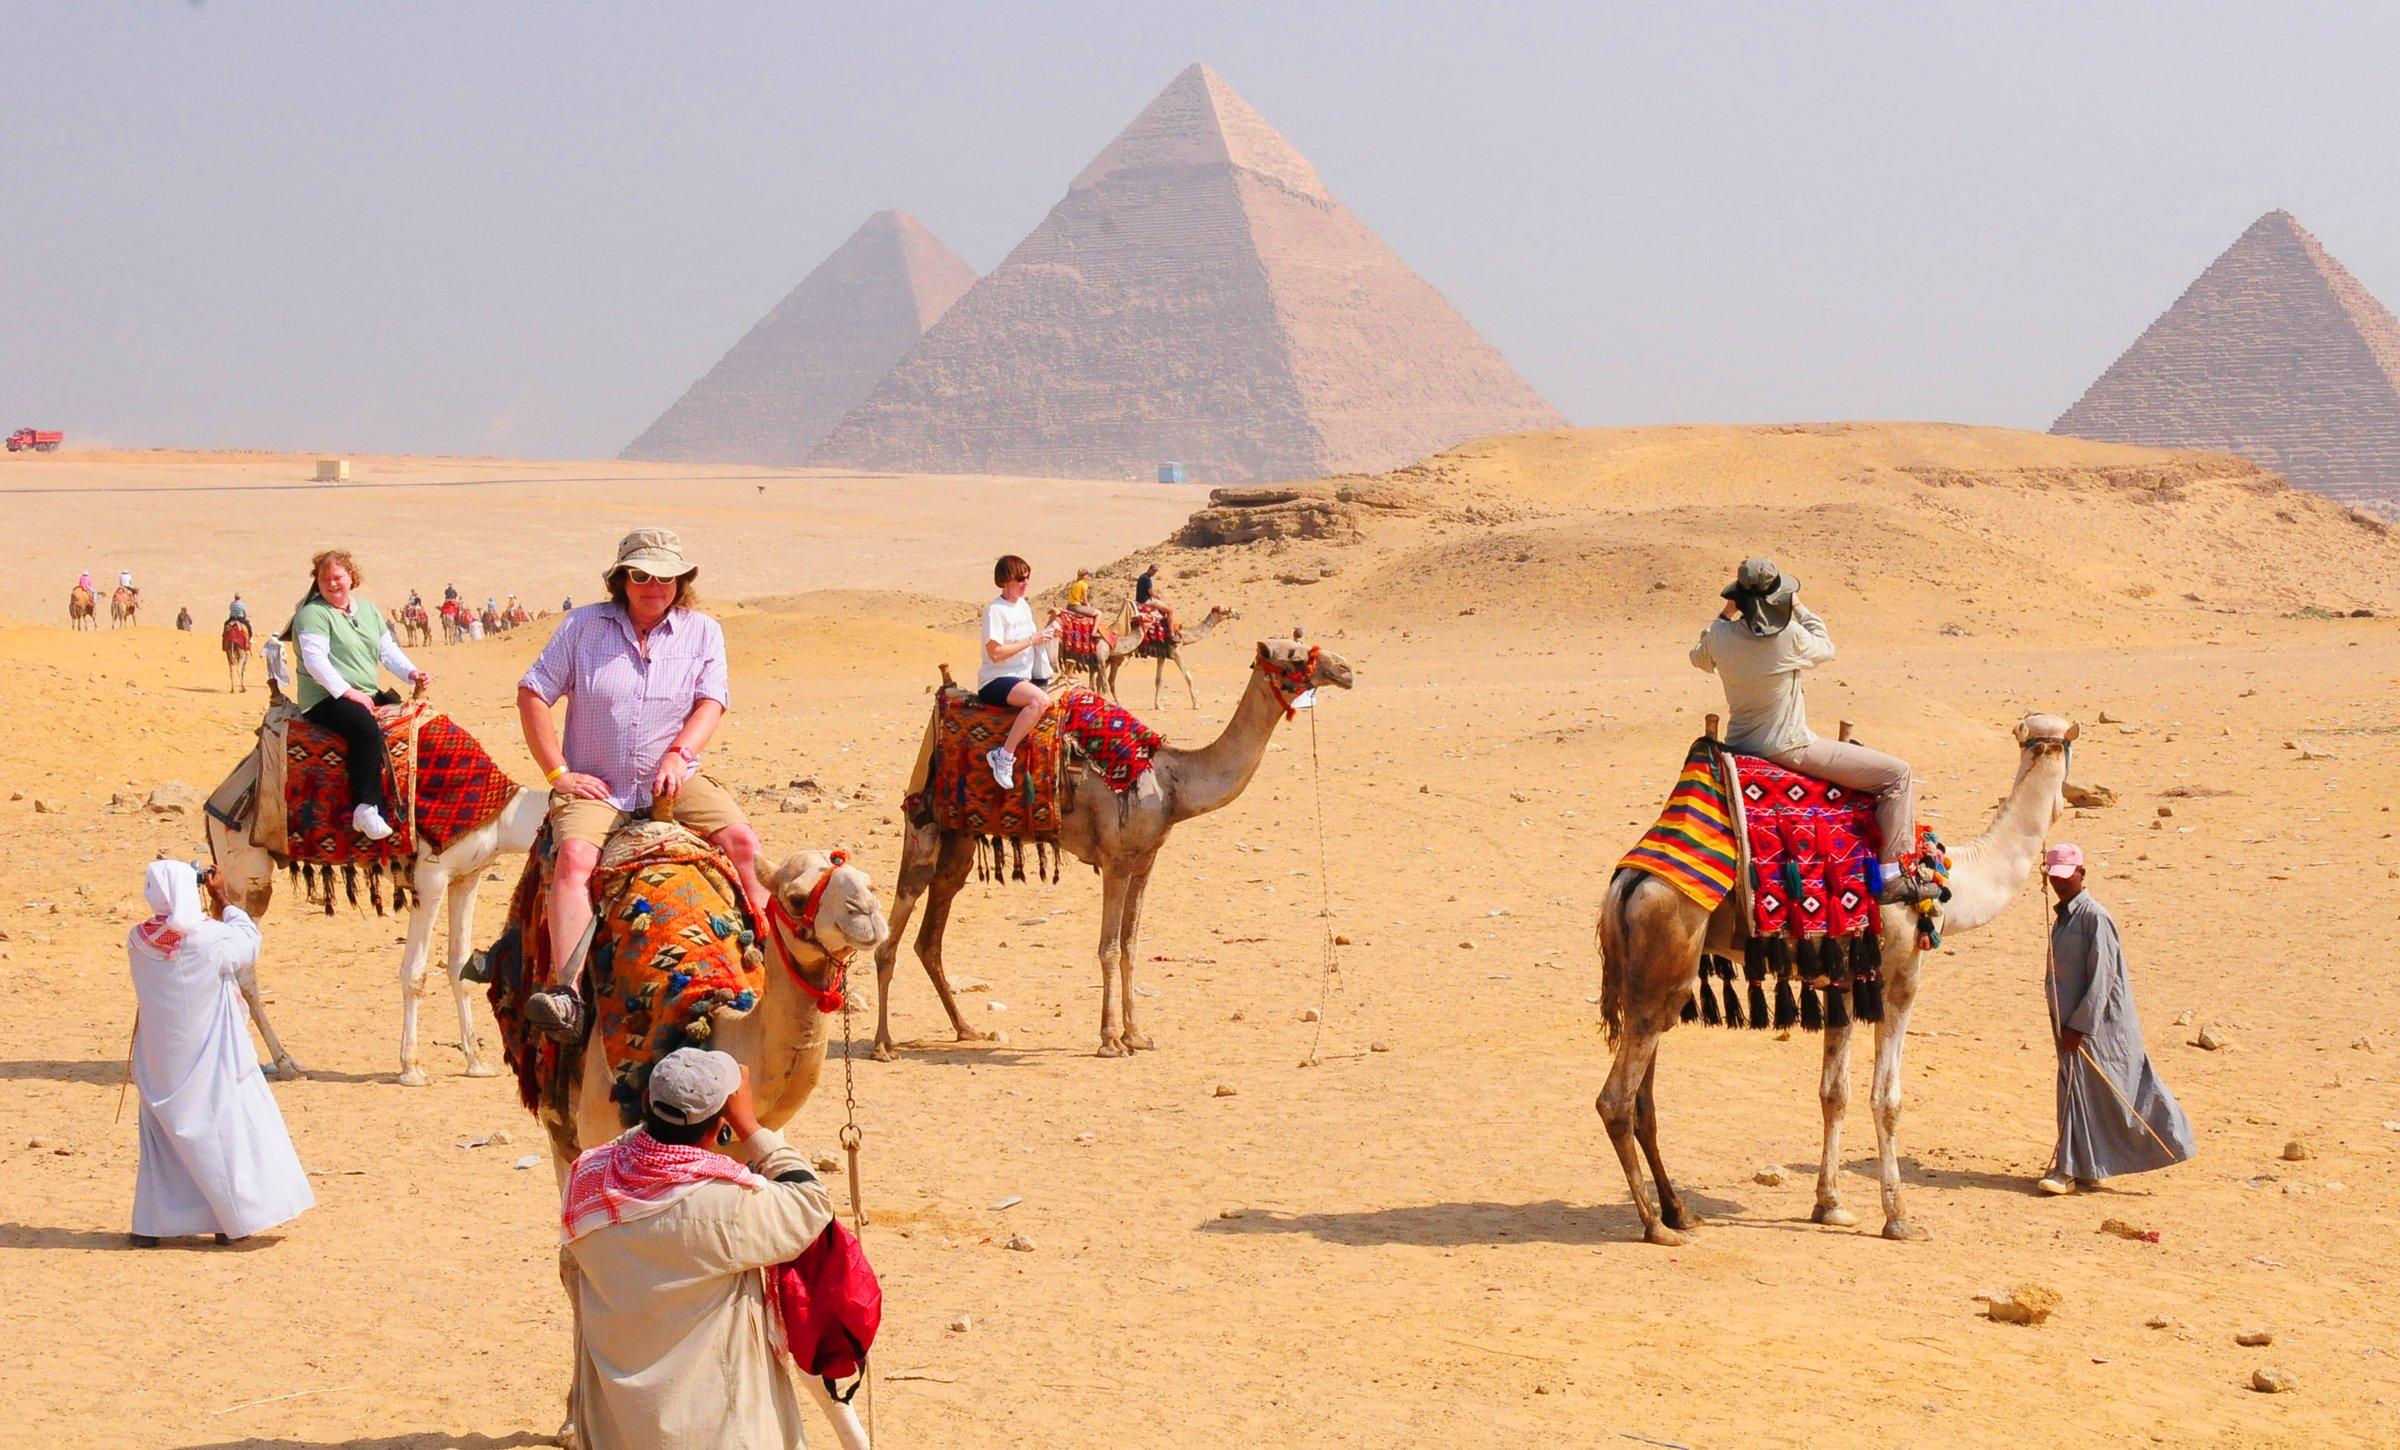 egyptra customer reviews